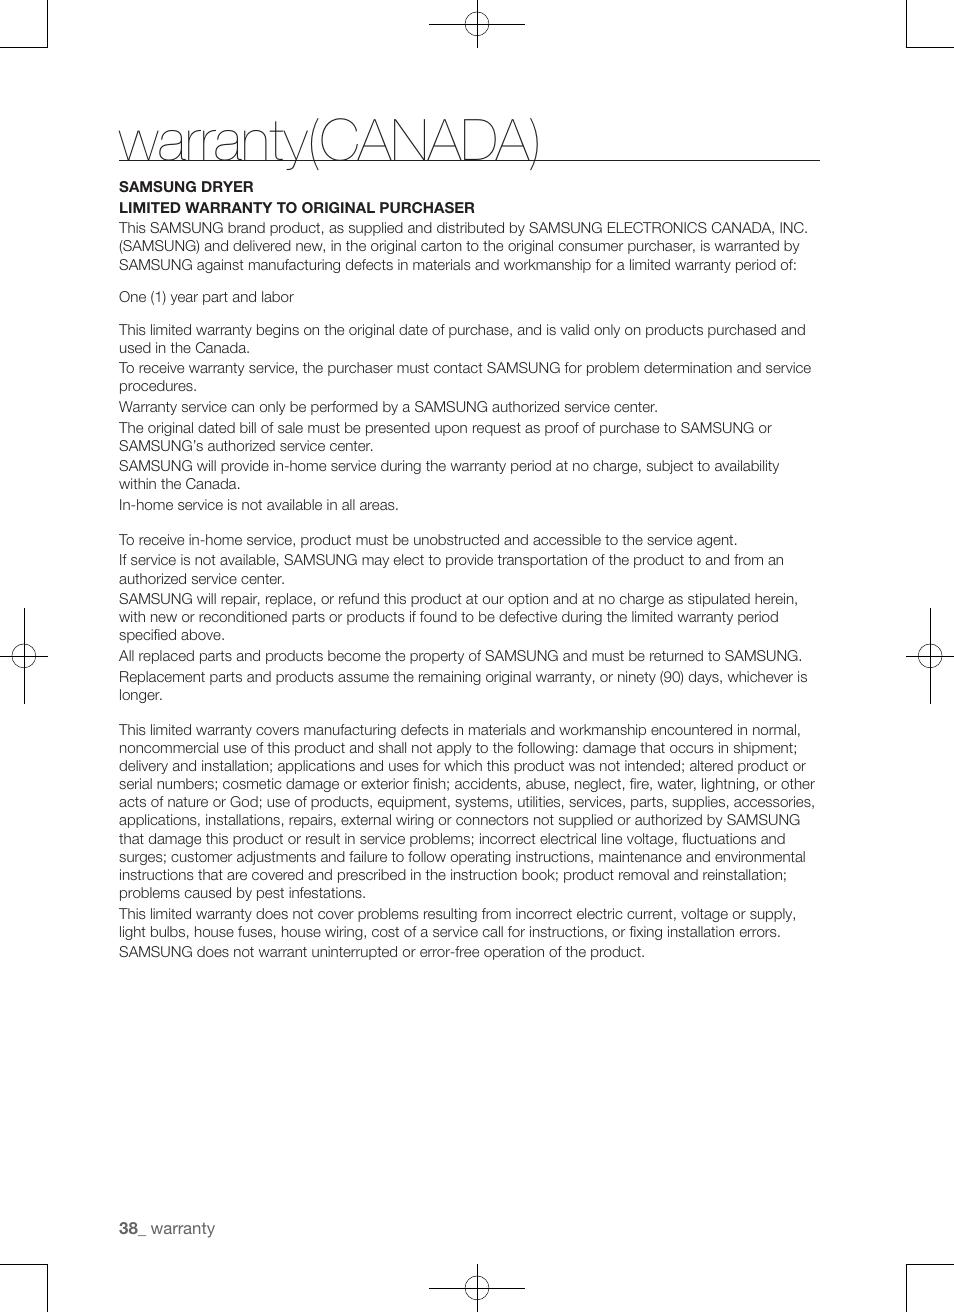 samsung dv422ewhdwr service manual and repair guide